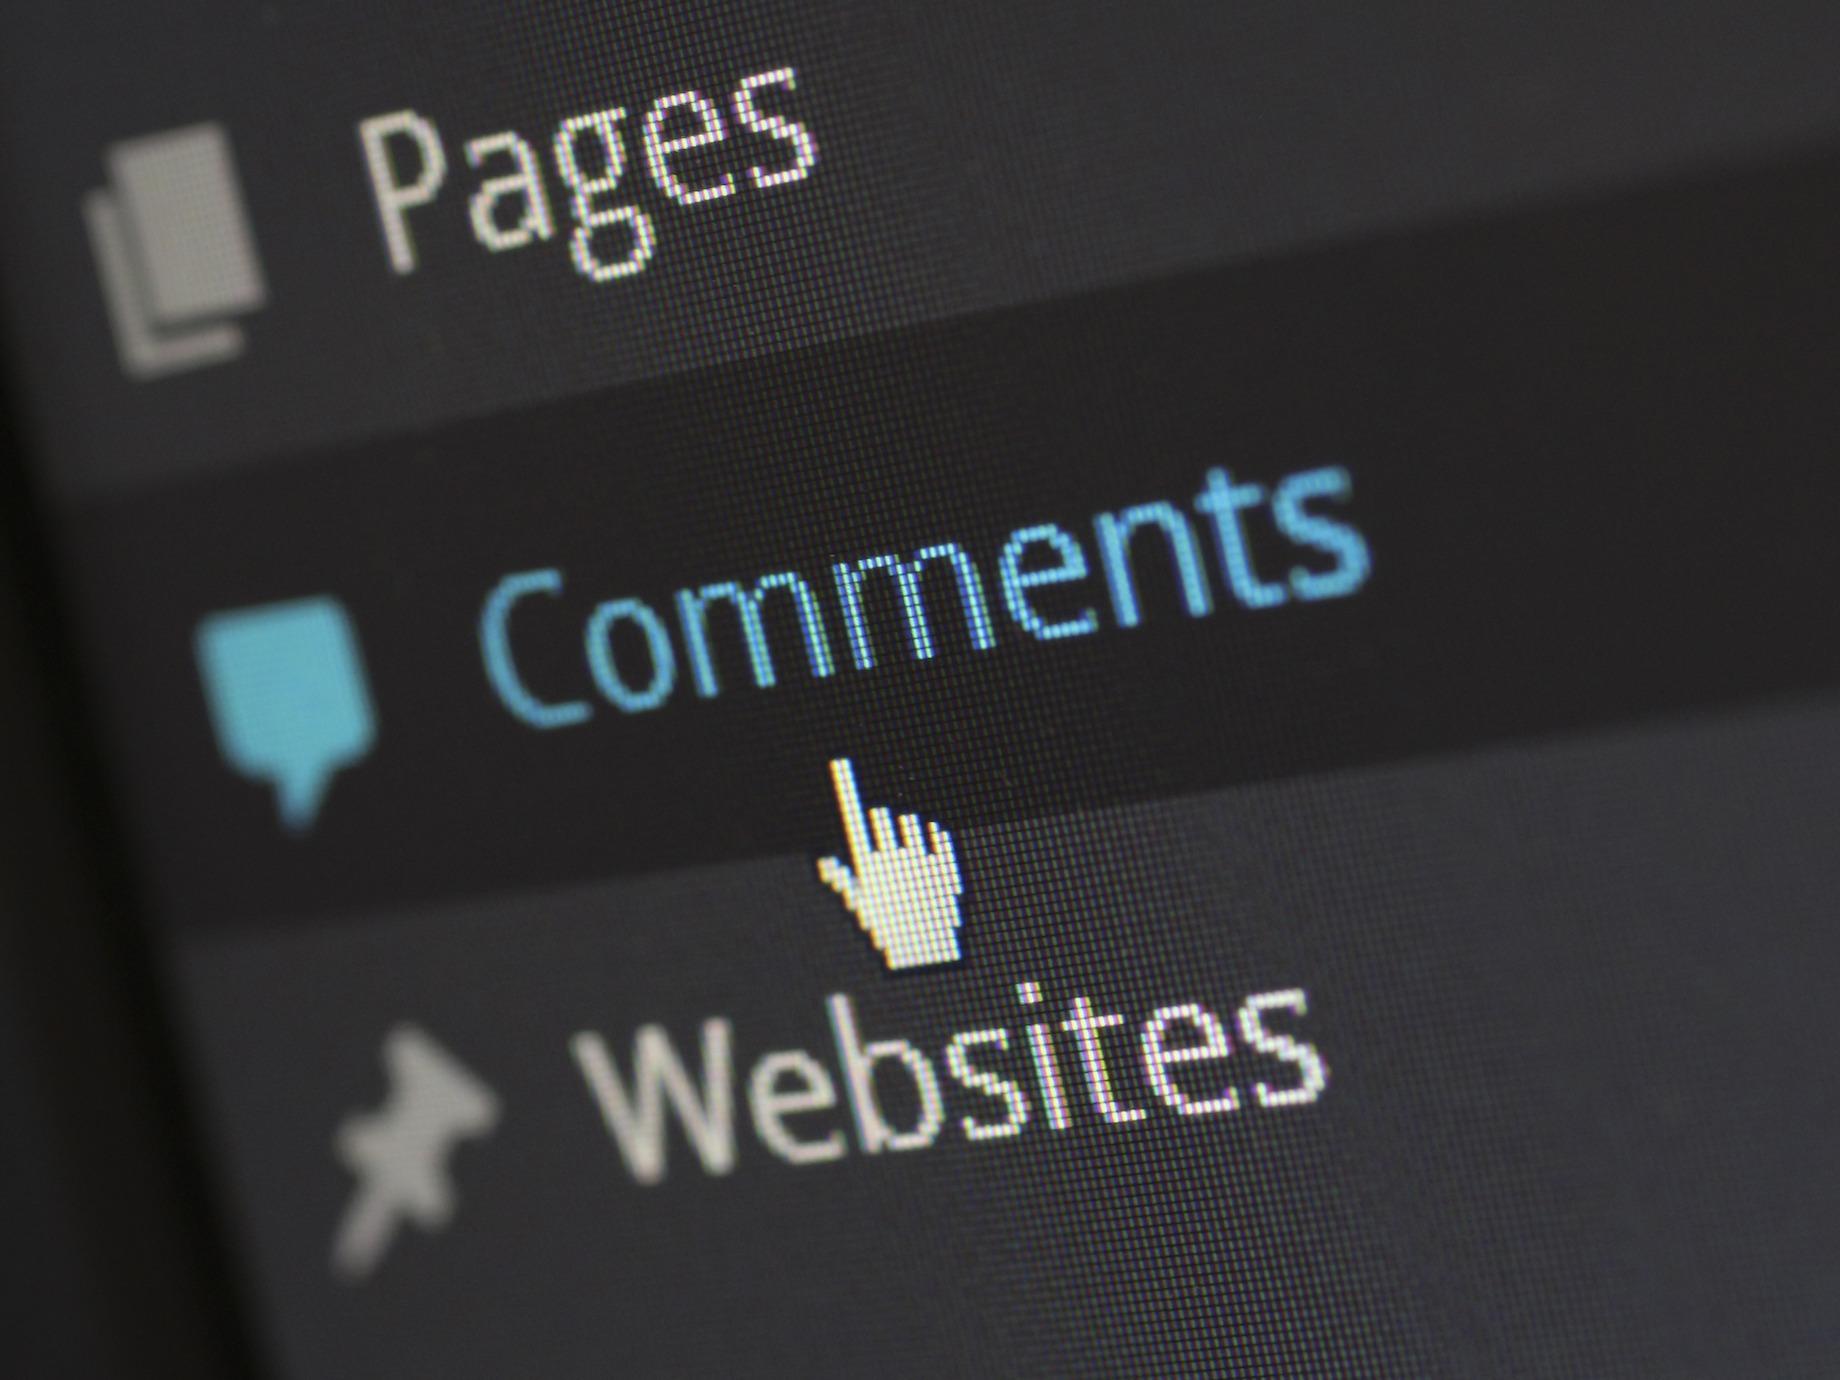 「網路負評」要如何妥善處理?4要點化危機為轉機